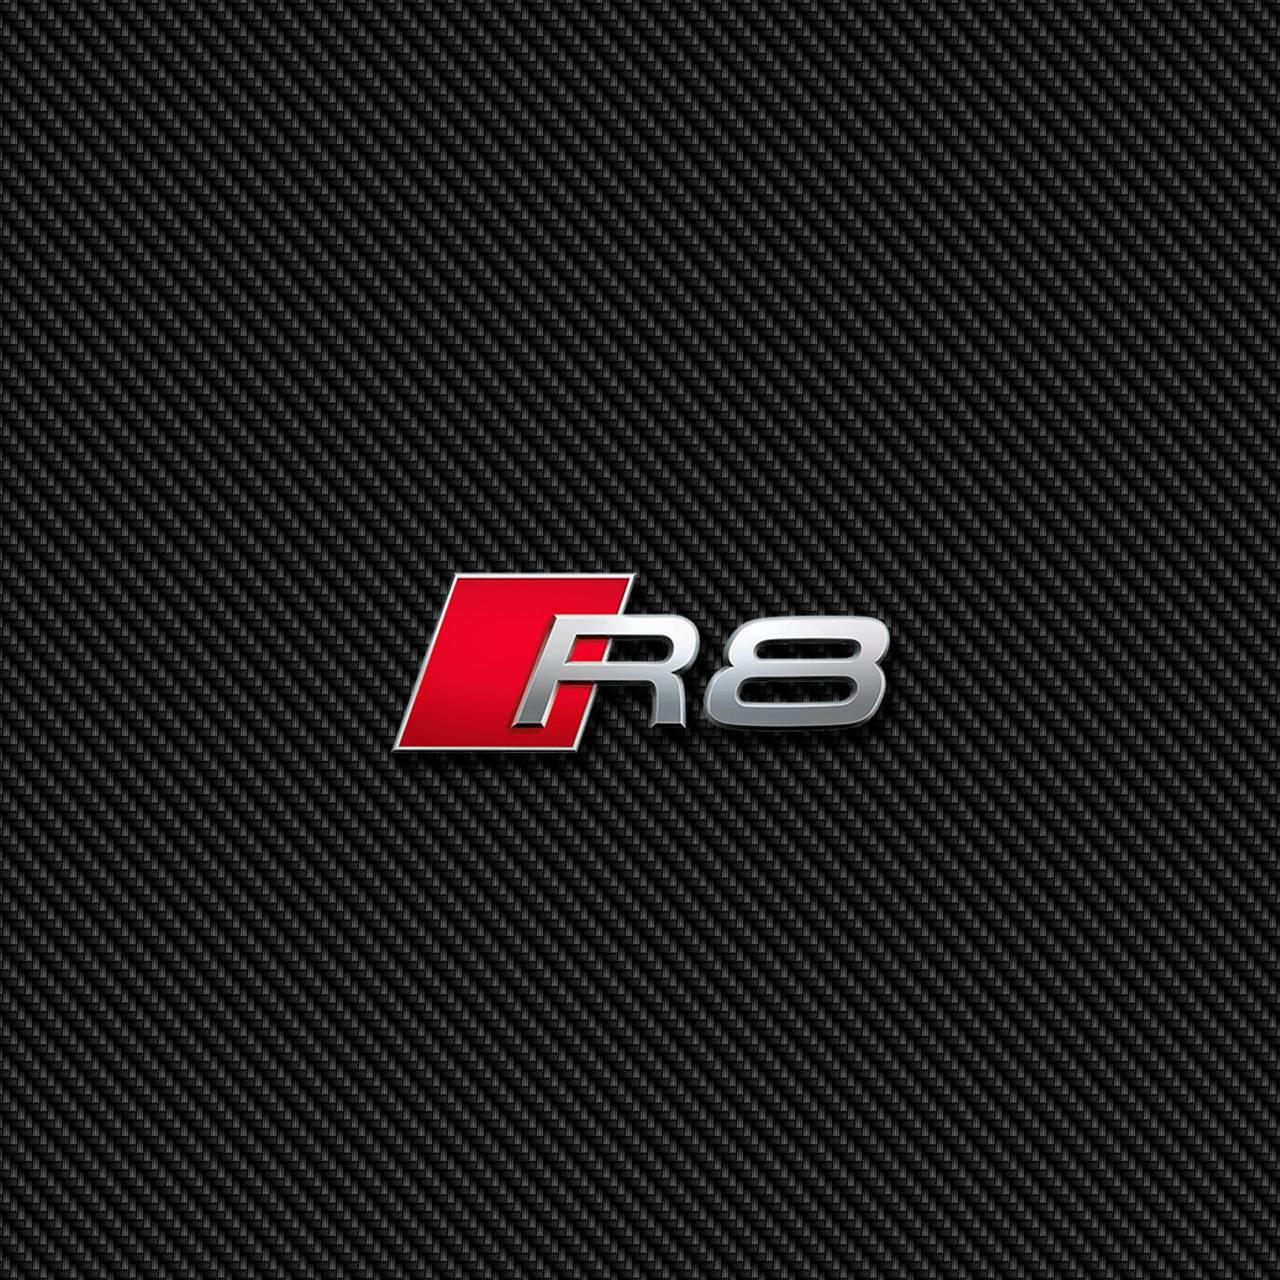 Audi R8 Carbon